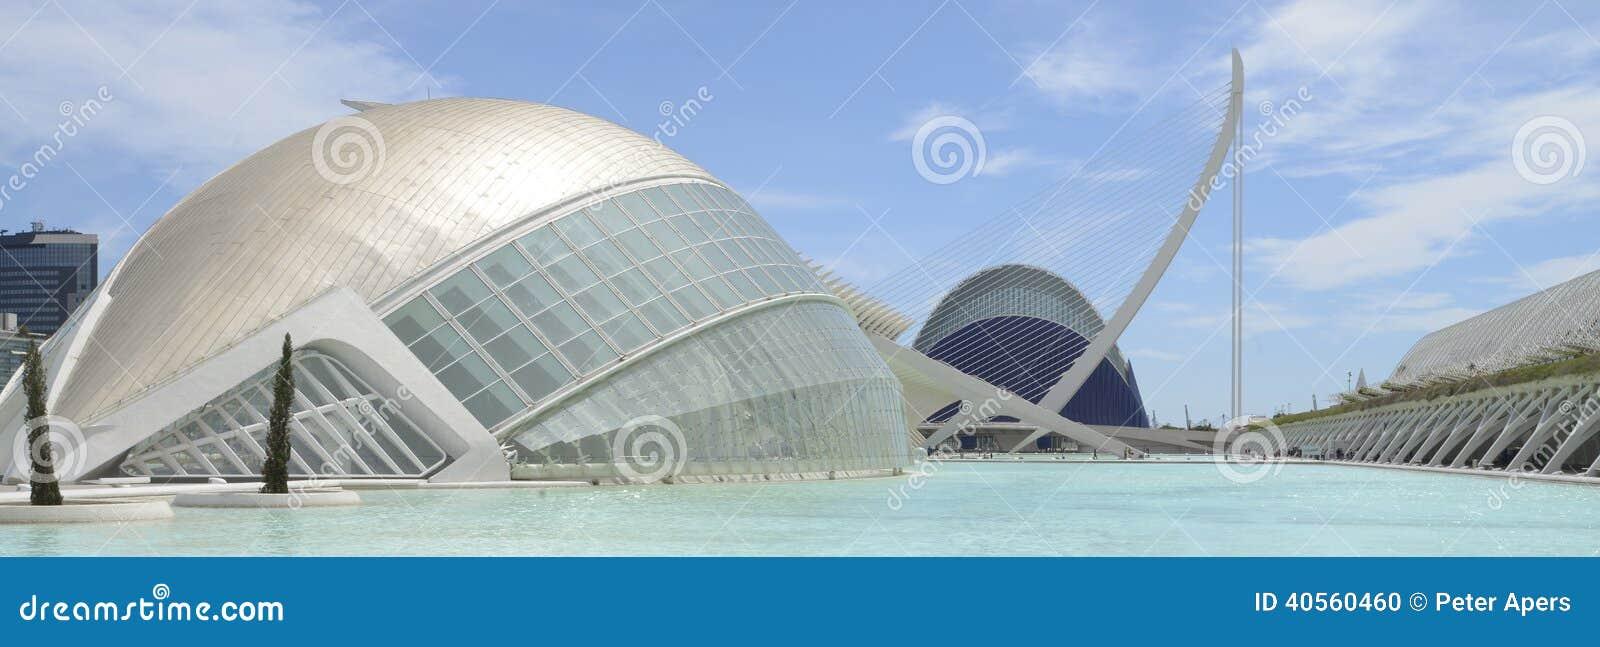 Hemesferic and Agora, Valencia